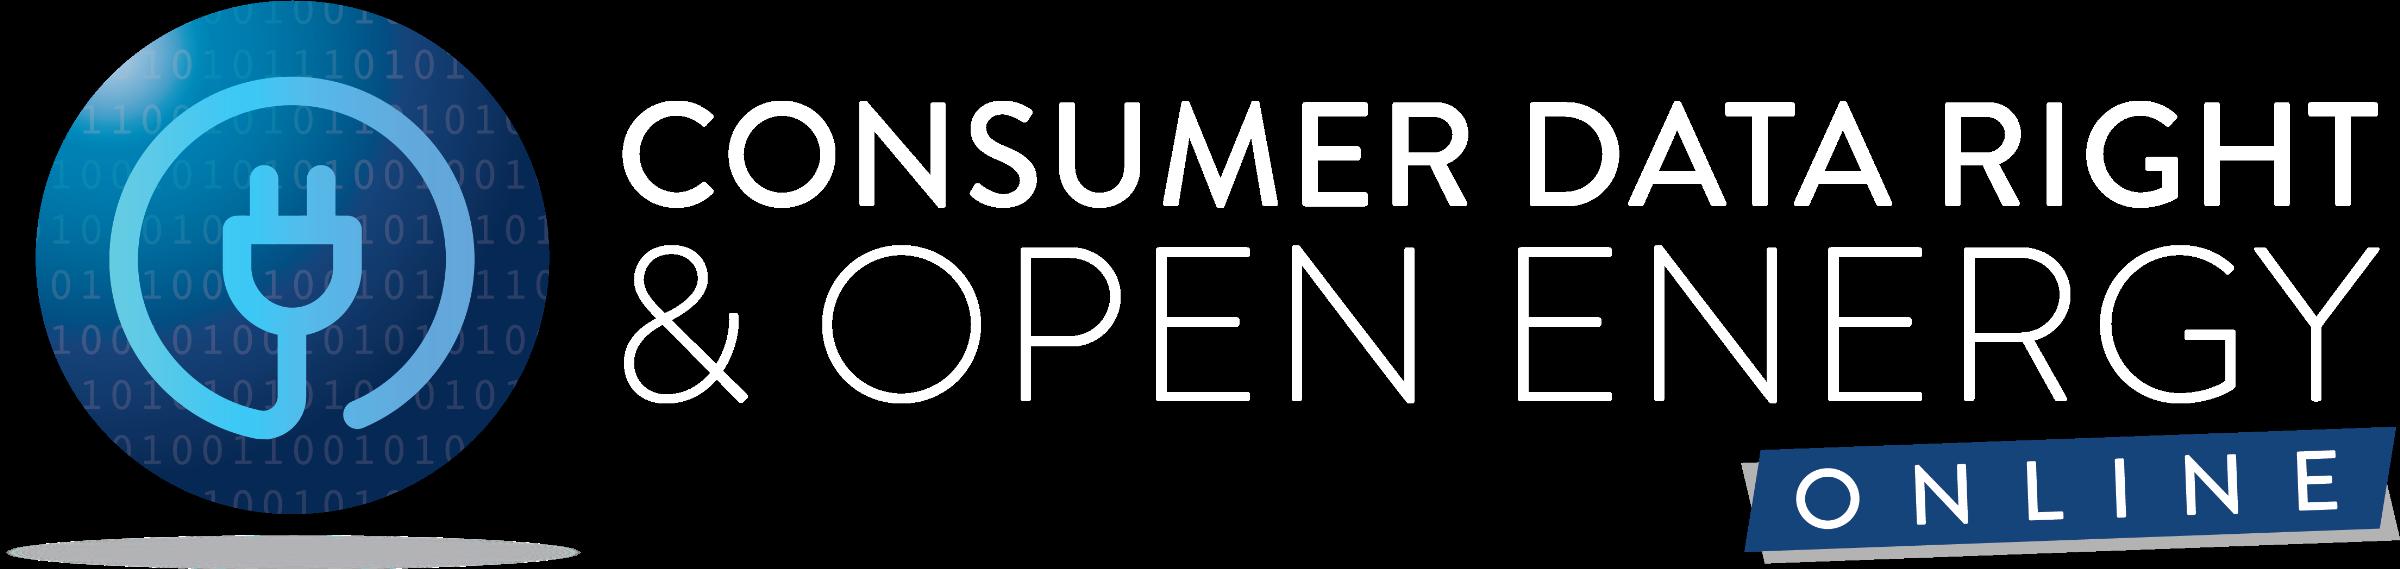 Consumer Data Right & Open Energy Online